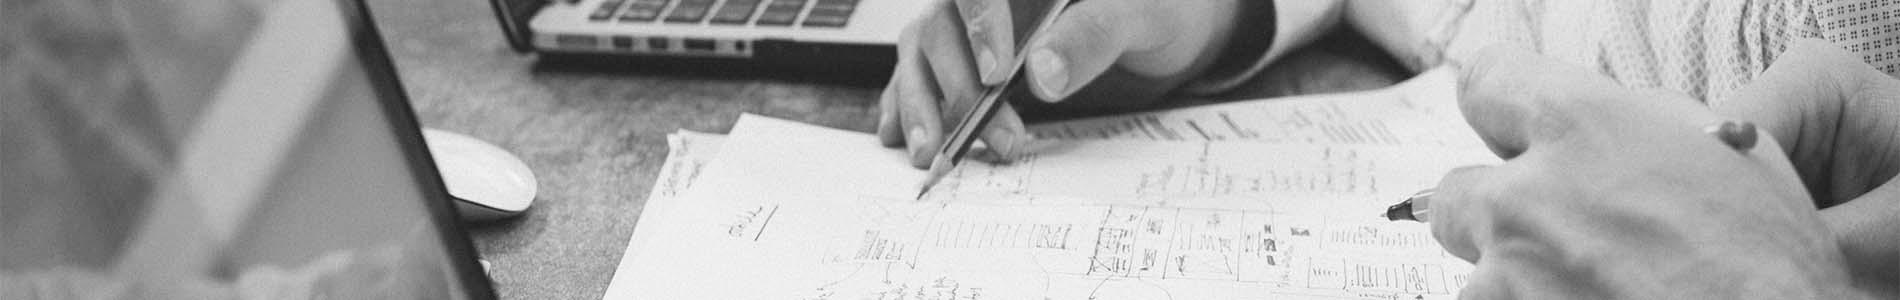 asesoria-contable-rubio-asesores